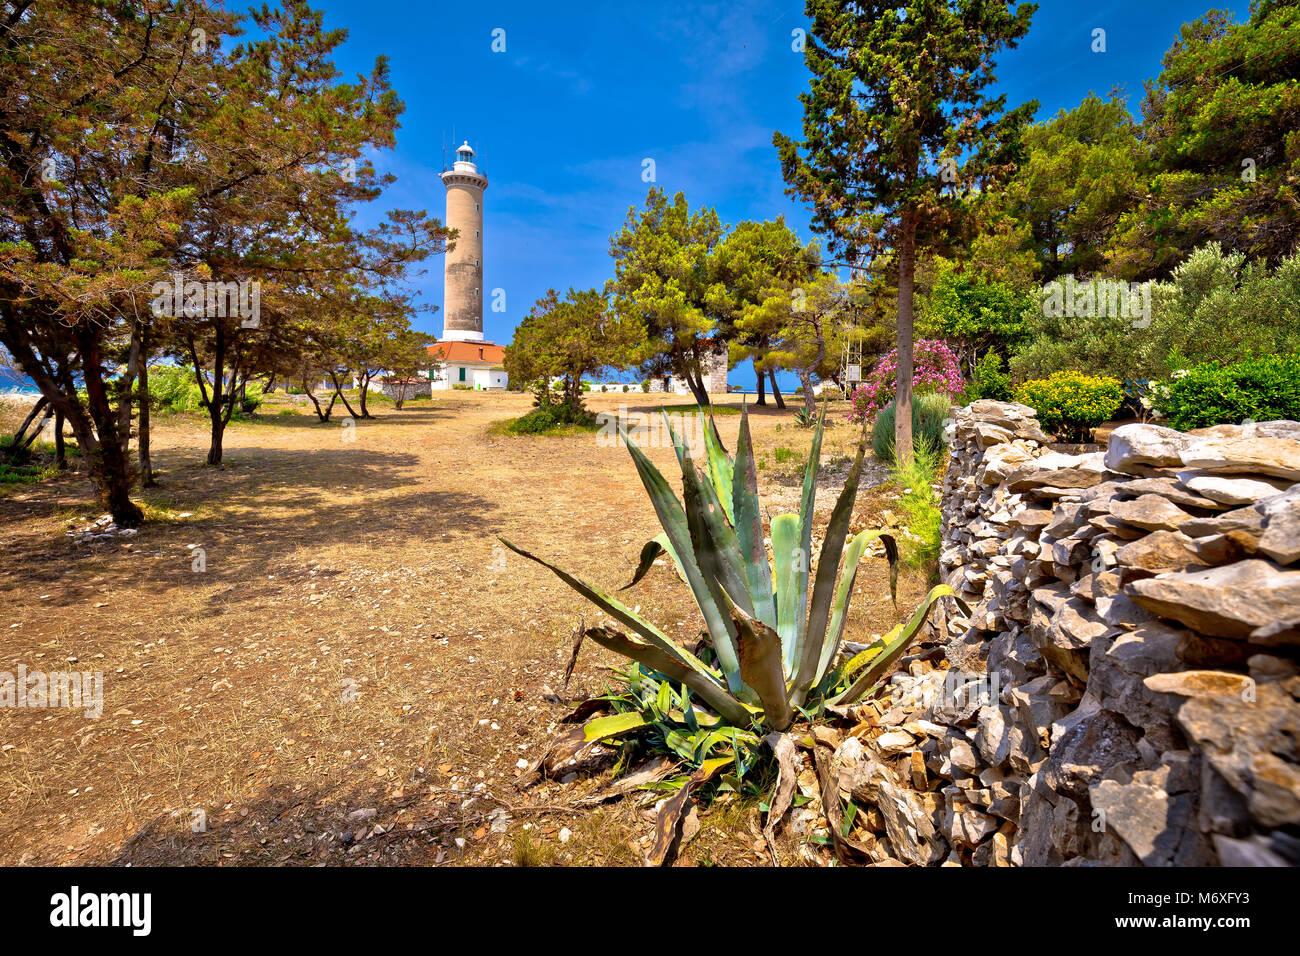 Veli Rat lighthouse in green Mediterranean landscape, Dugi Otok island, Dalmatia, Croatia - Stock Image